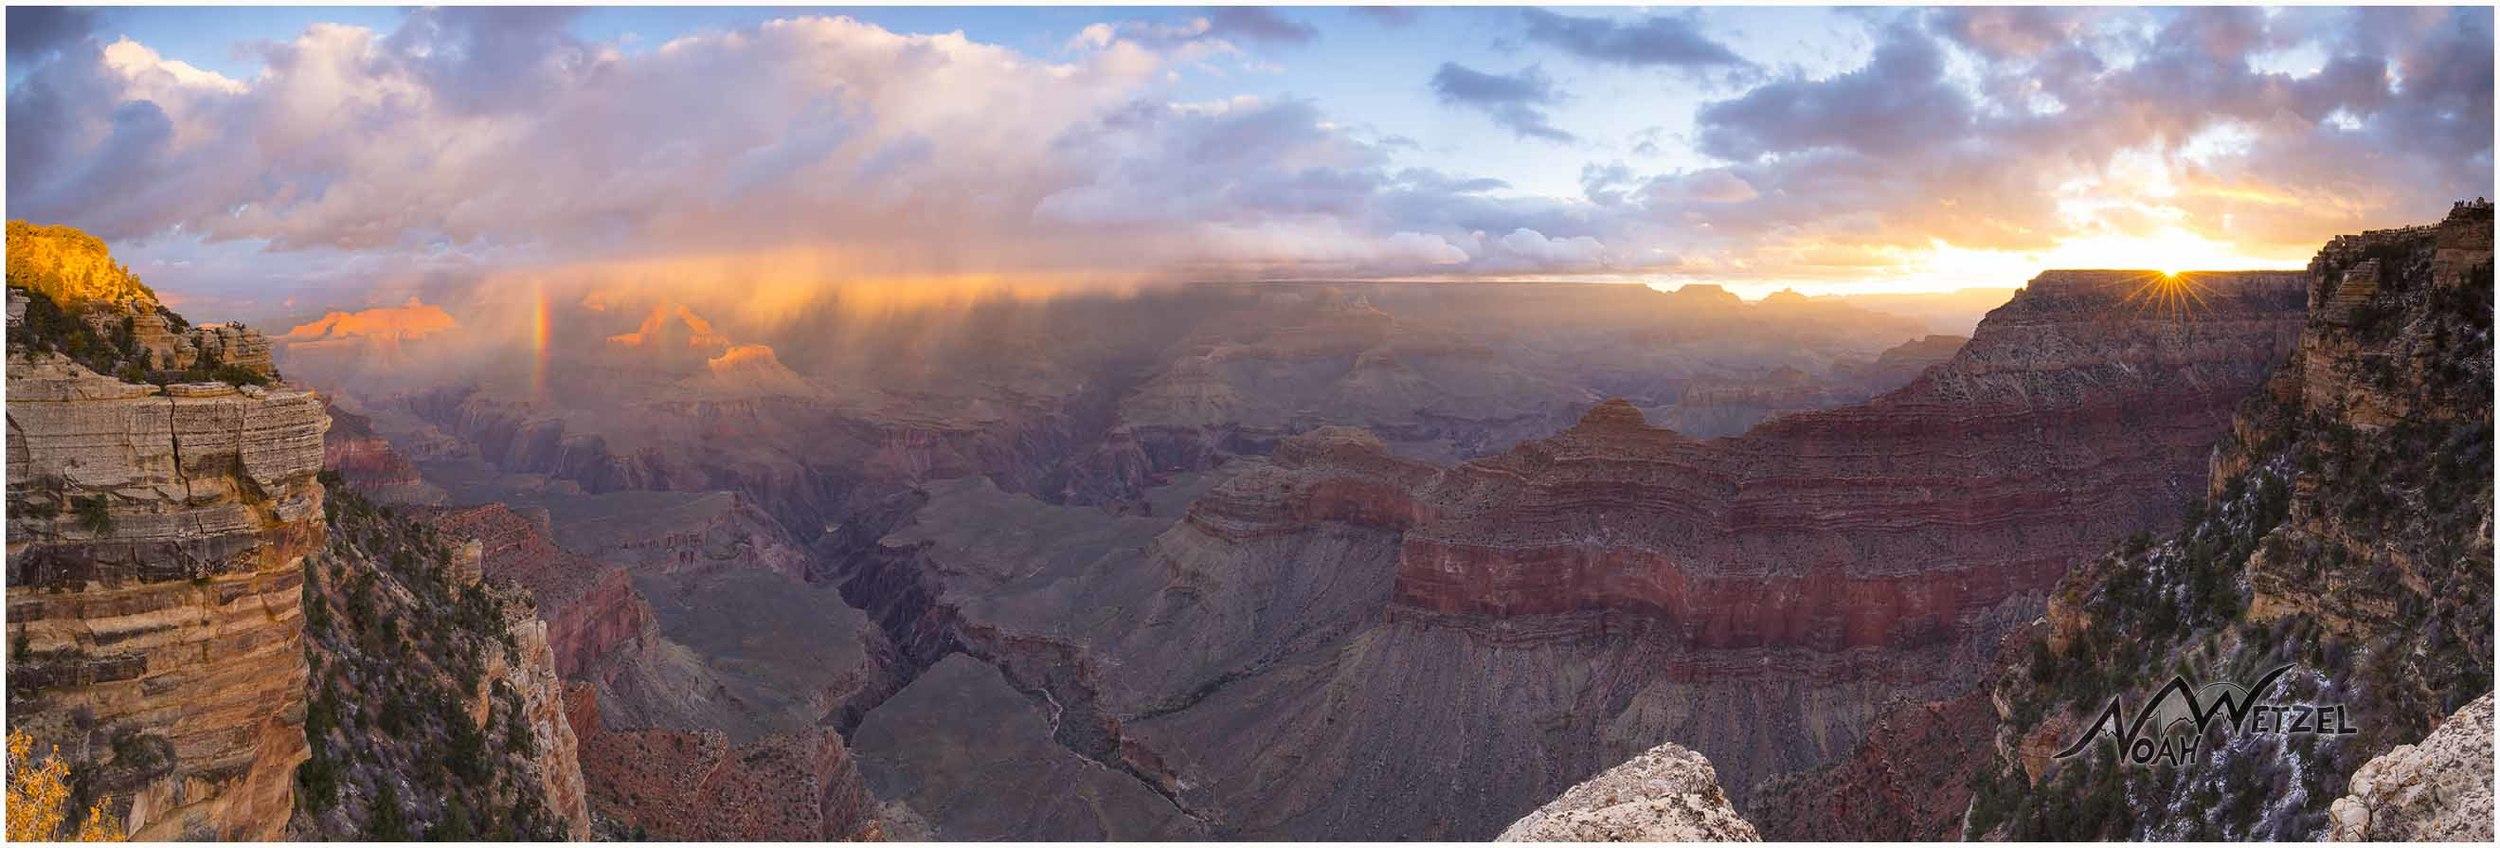 Grand Canyon Rainbow Sunrise Panoramic, Arizona